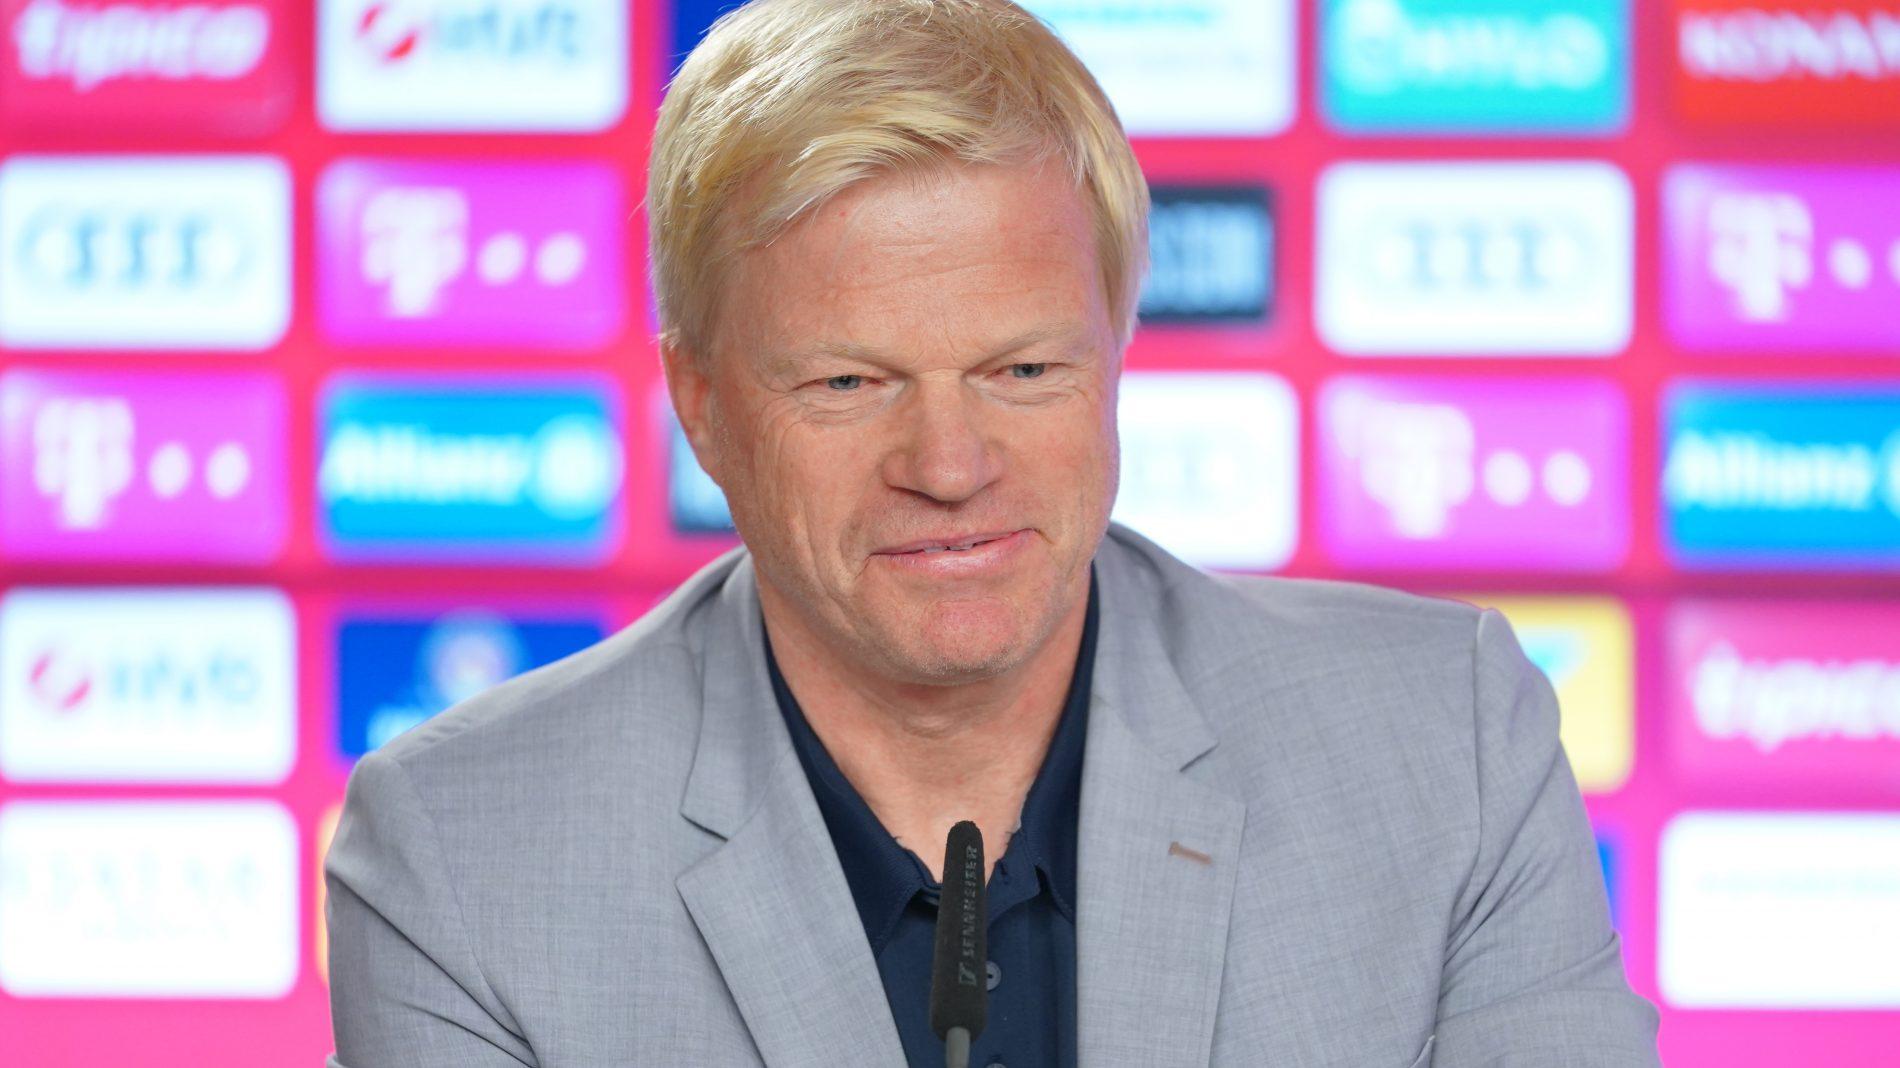 卡恩:若拜仁无法引进顶级球员,我们将是第一个被问责的